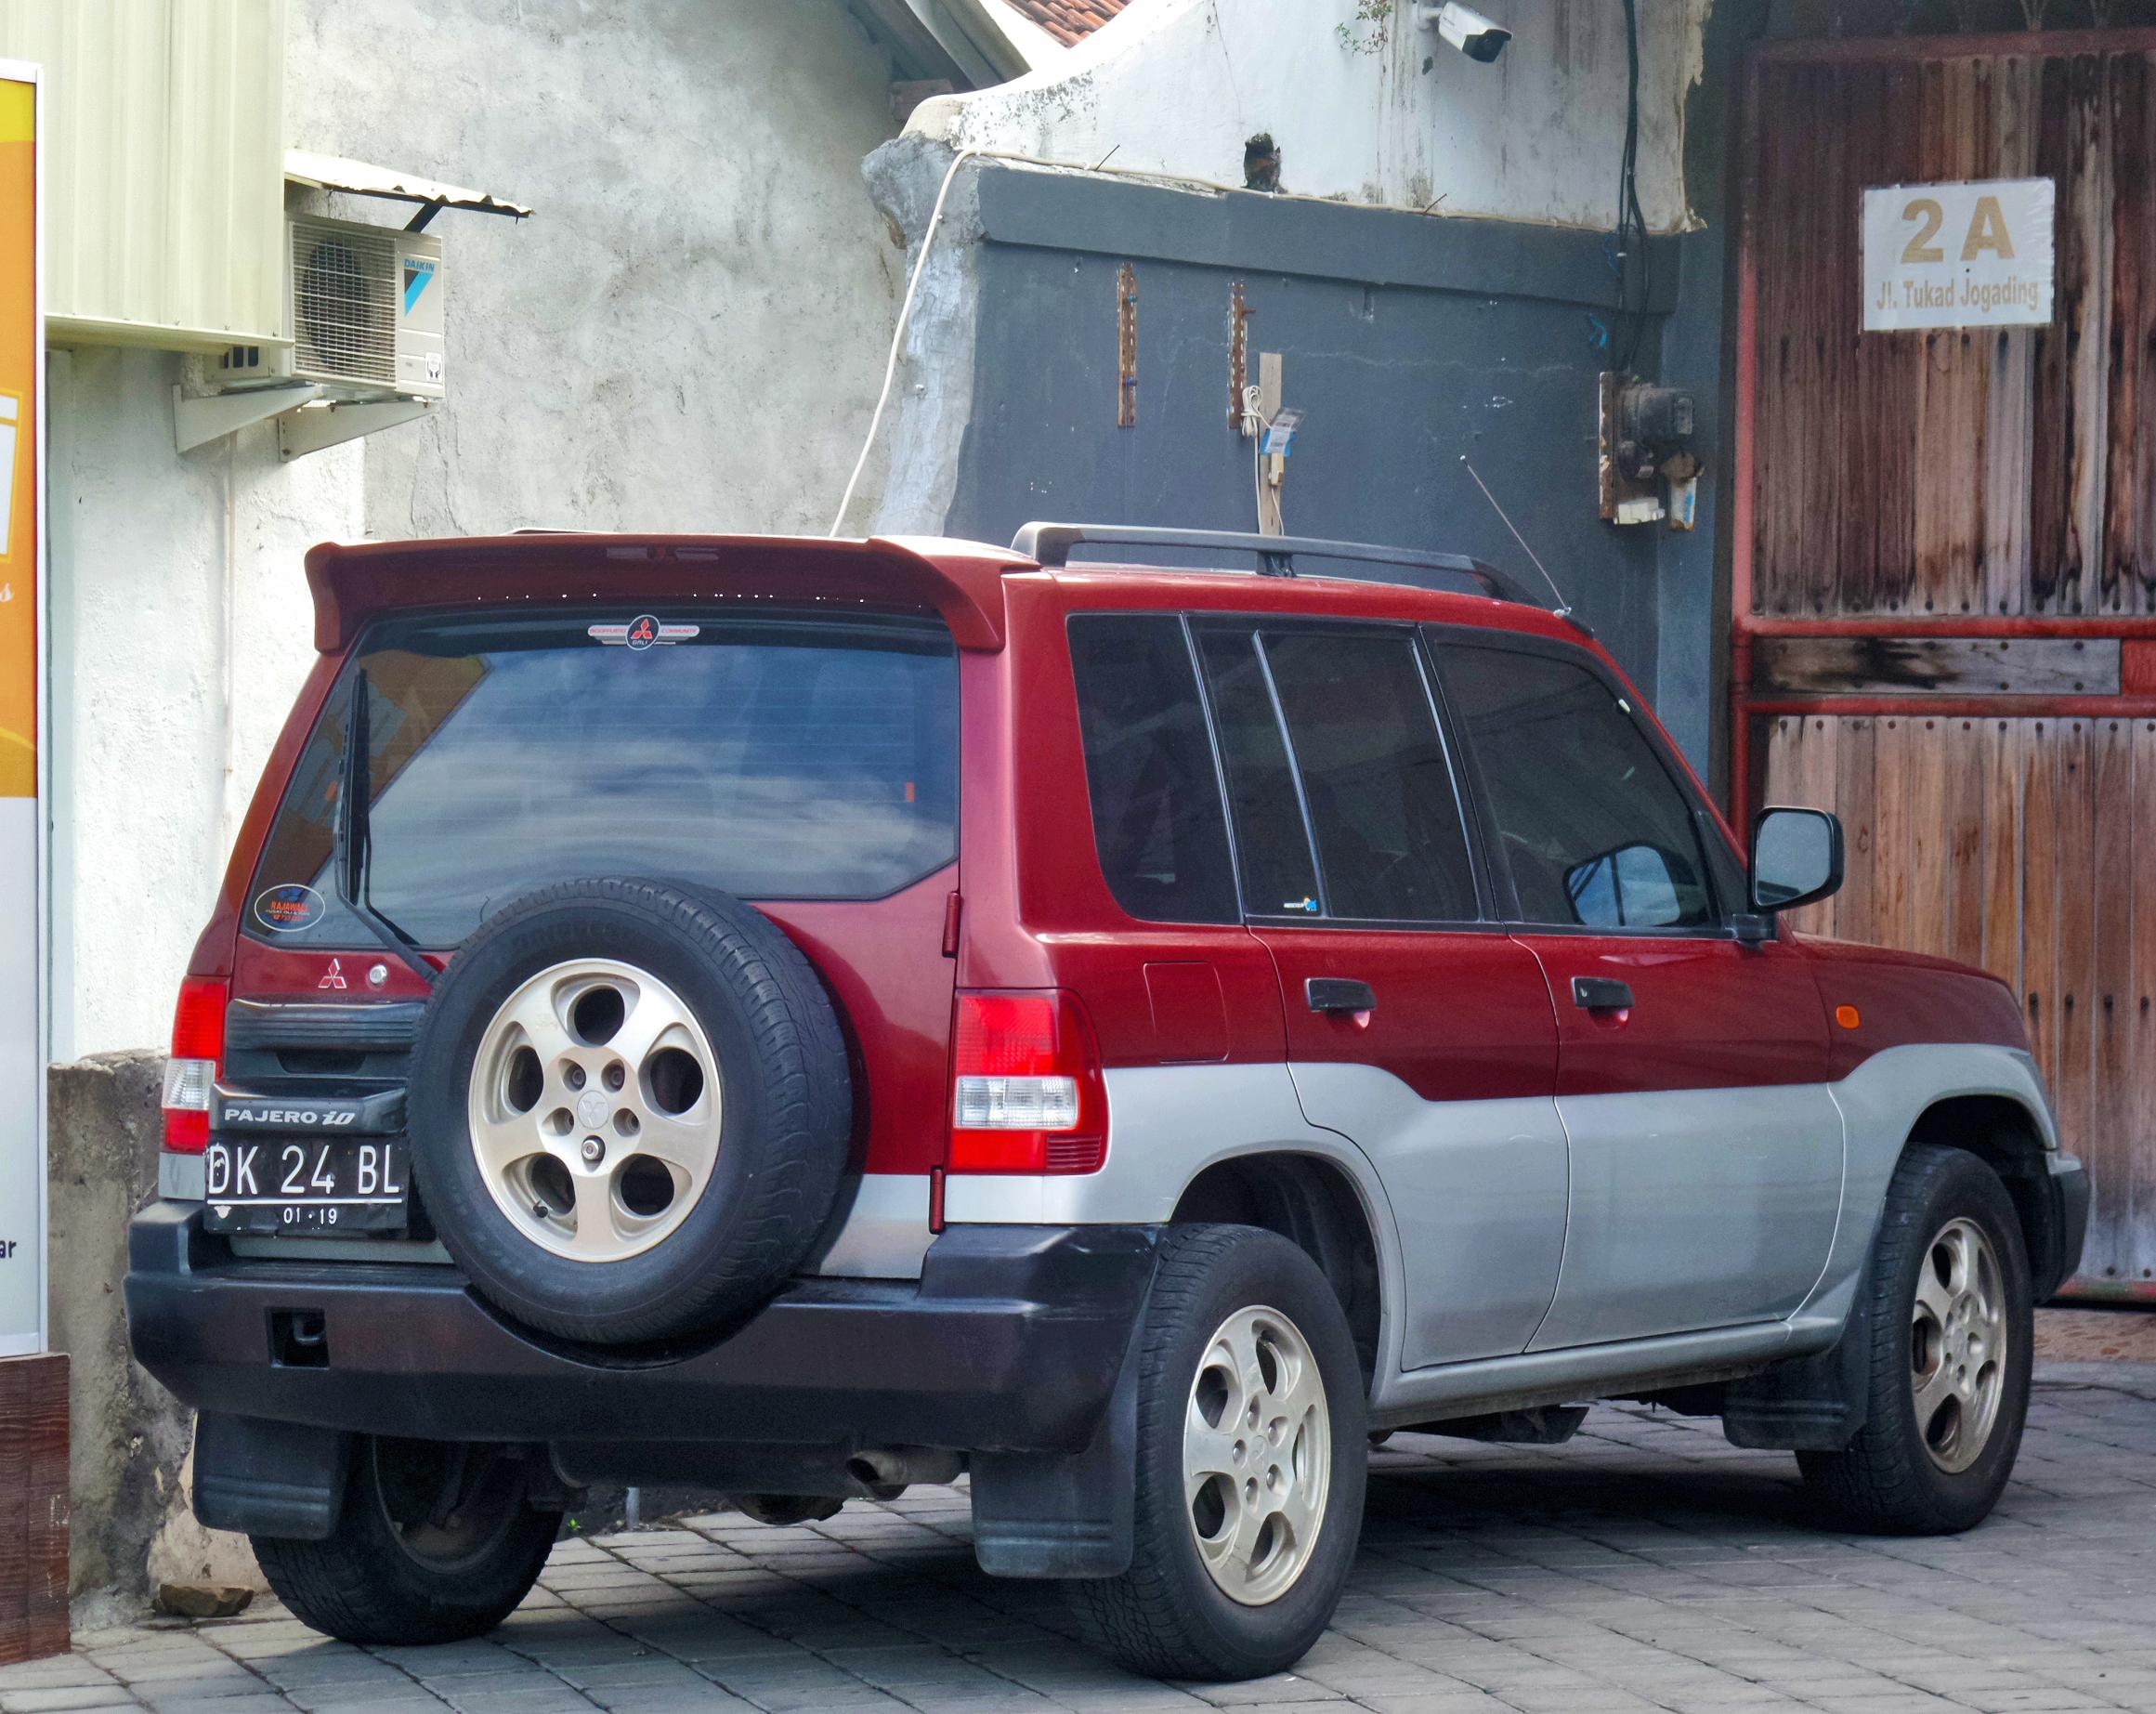 File:Mitsubishi Pajero iO (30973947875).jpg